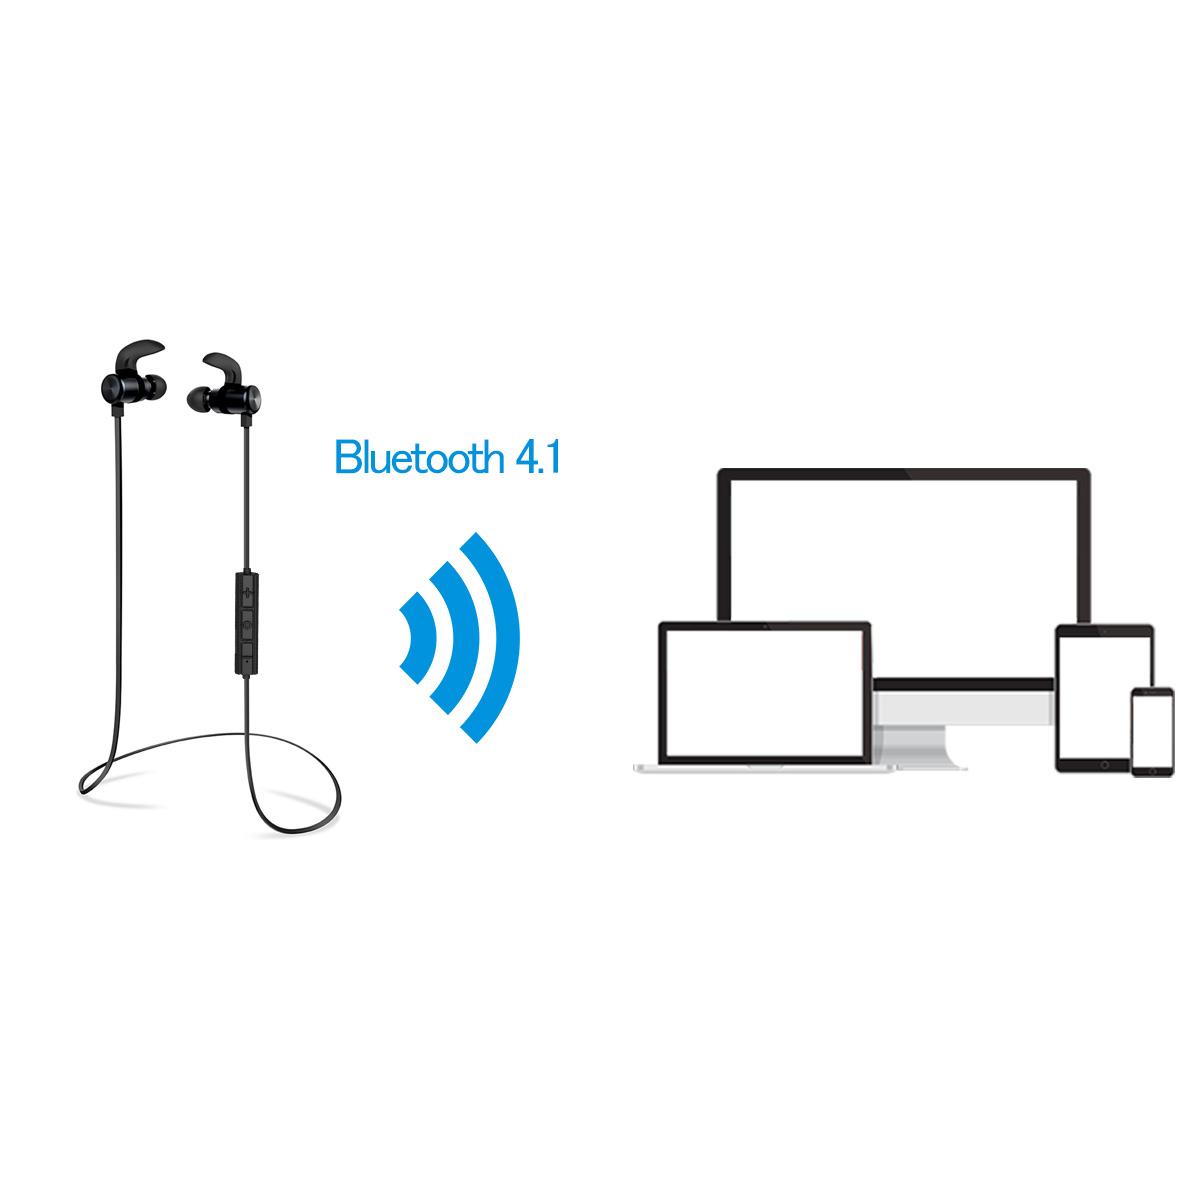 【楽天市場】【Bluetooth イヤホン】S9 スポーツ Bluetooth 4.1 イヤホン 防汗防滴 外れ